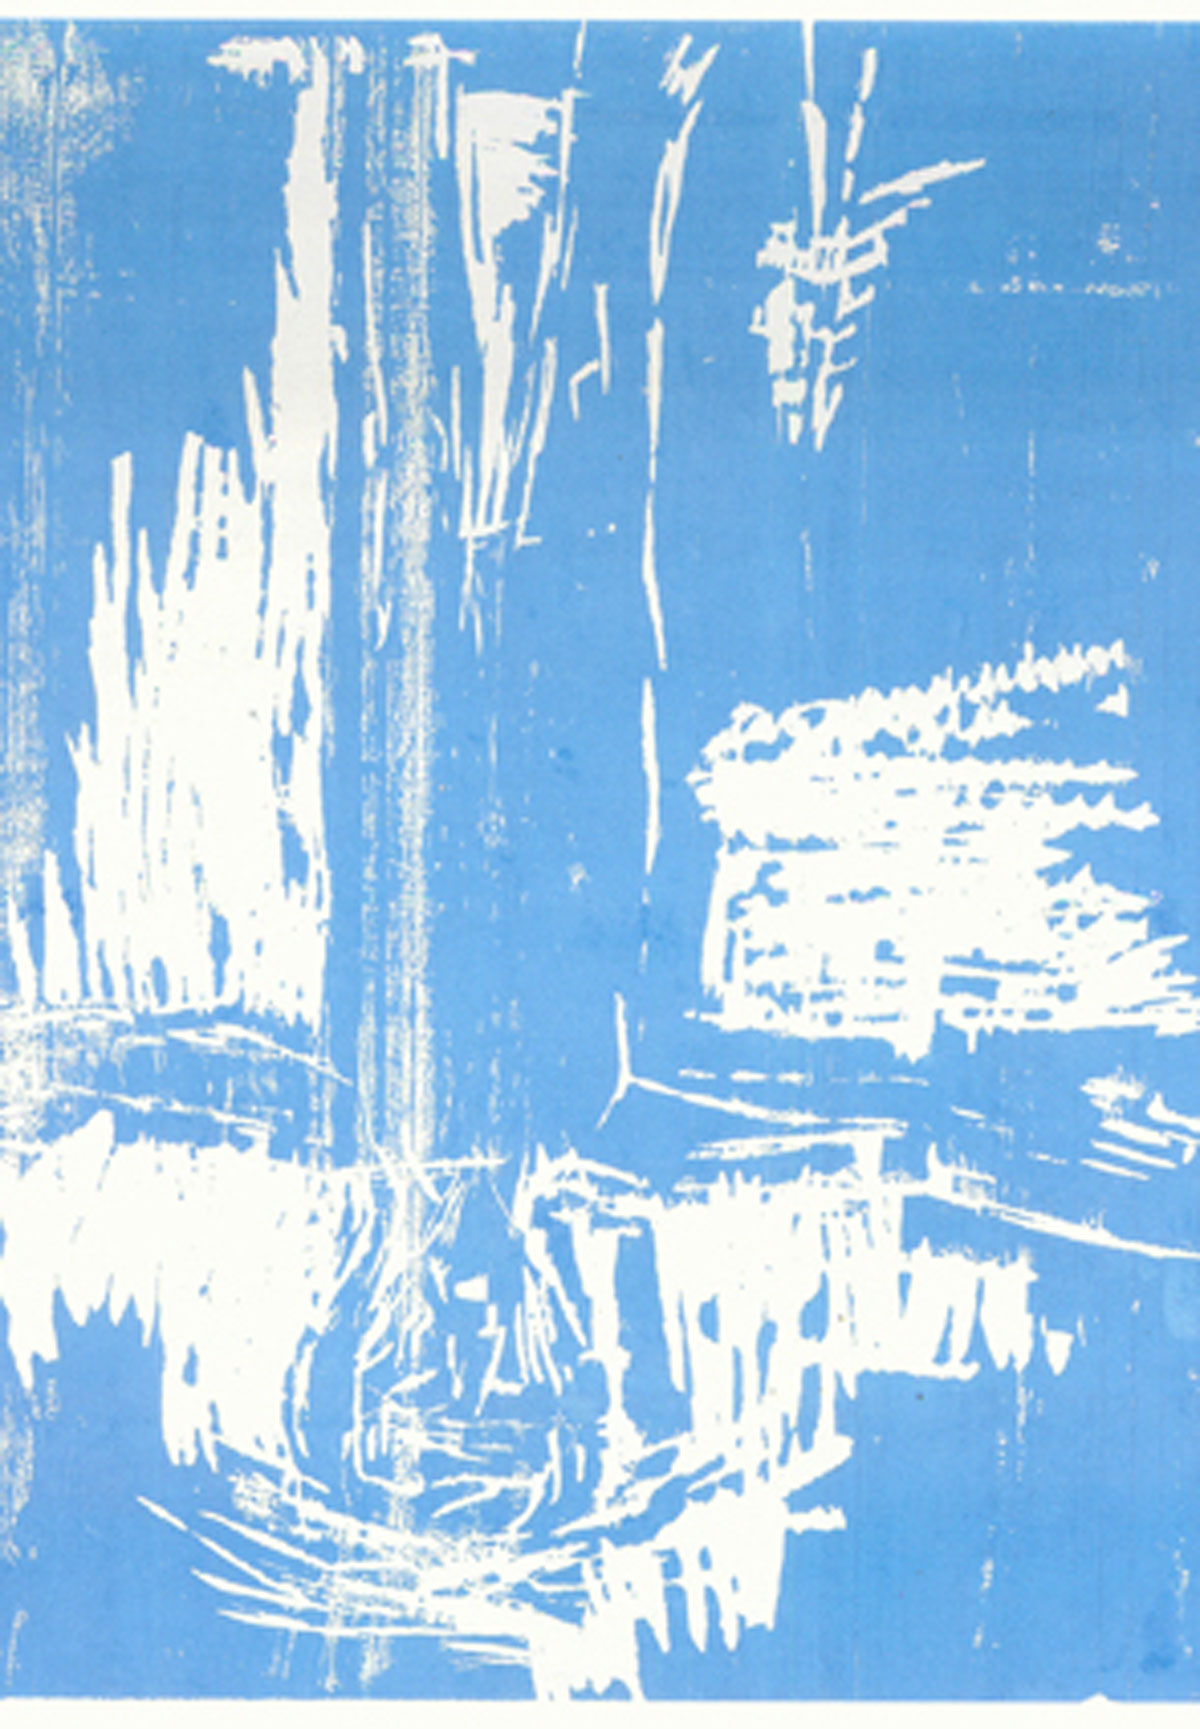 Georg Baselitz, Tanz ums Kreuz, 1983